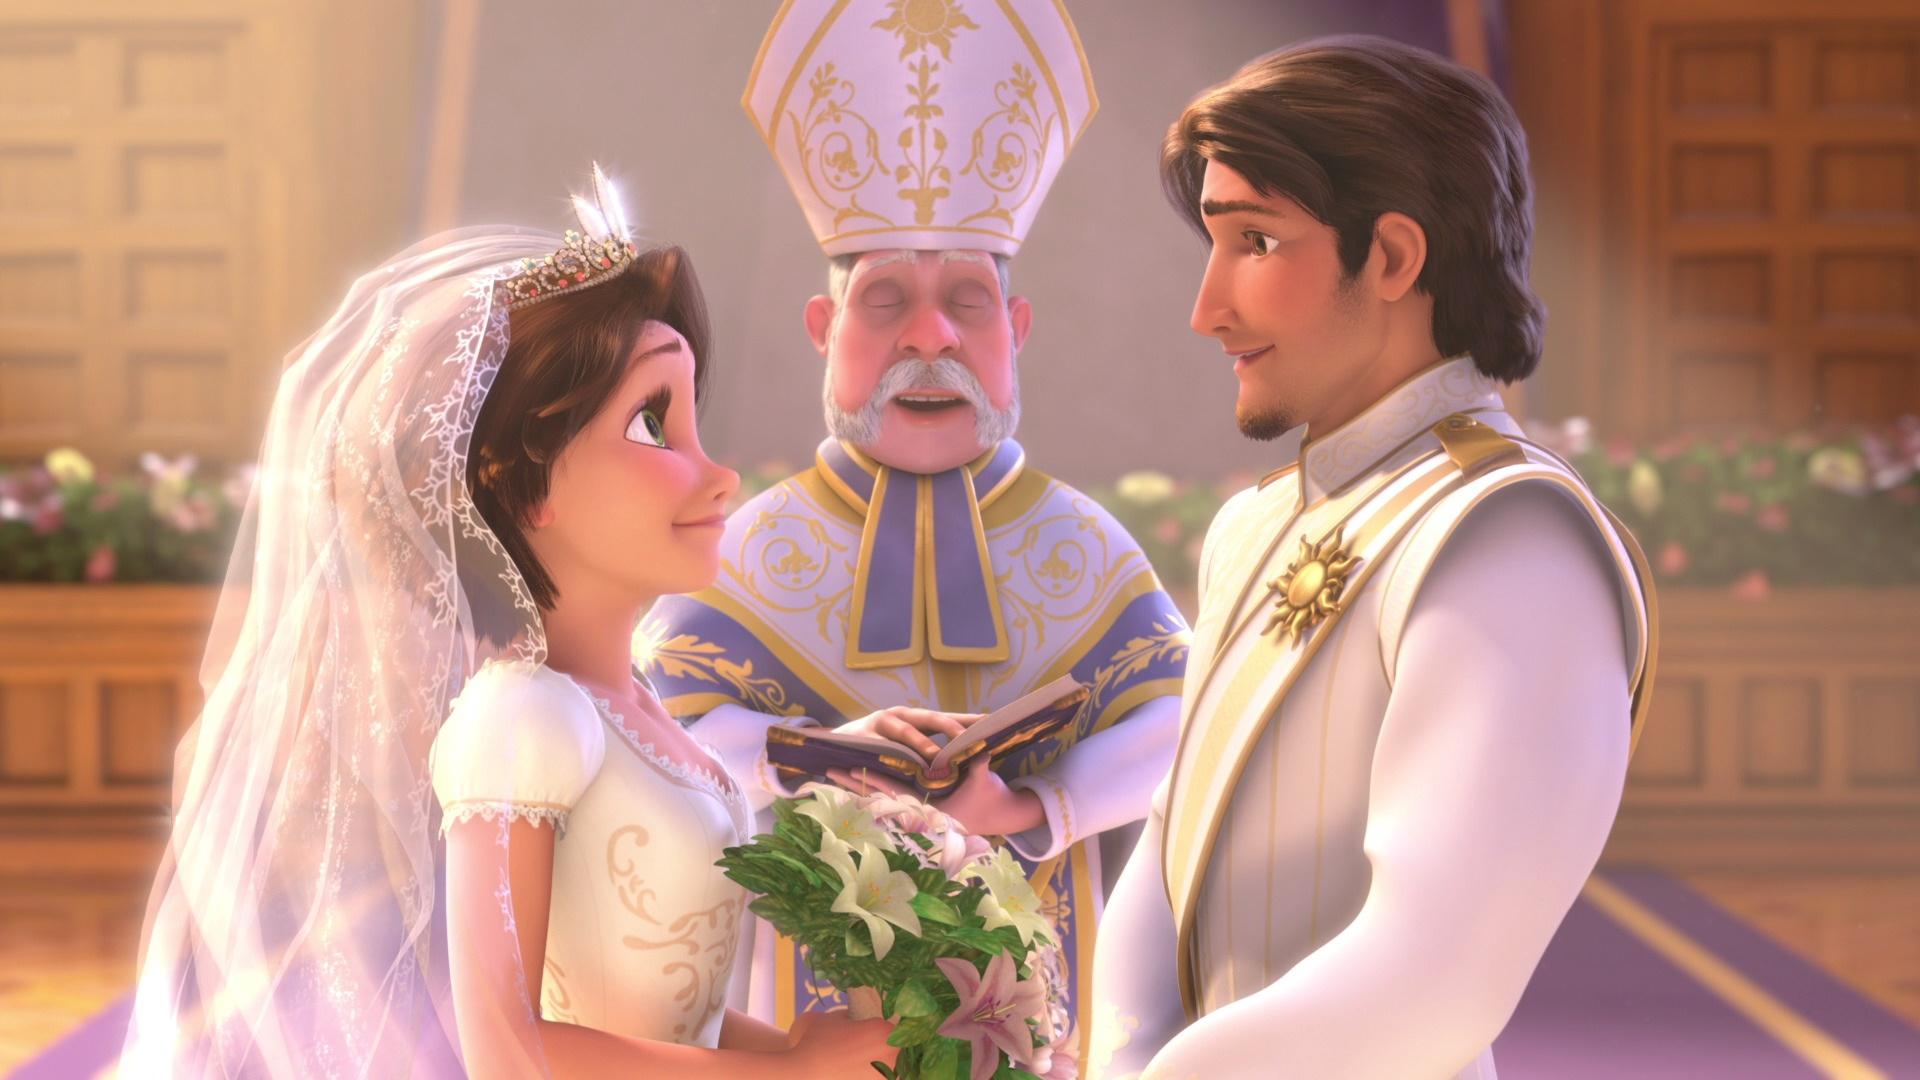 Rapunzel And Eugene Wallpaper Rapunzel With Eugene in